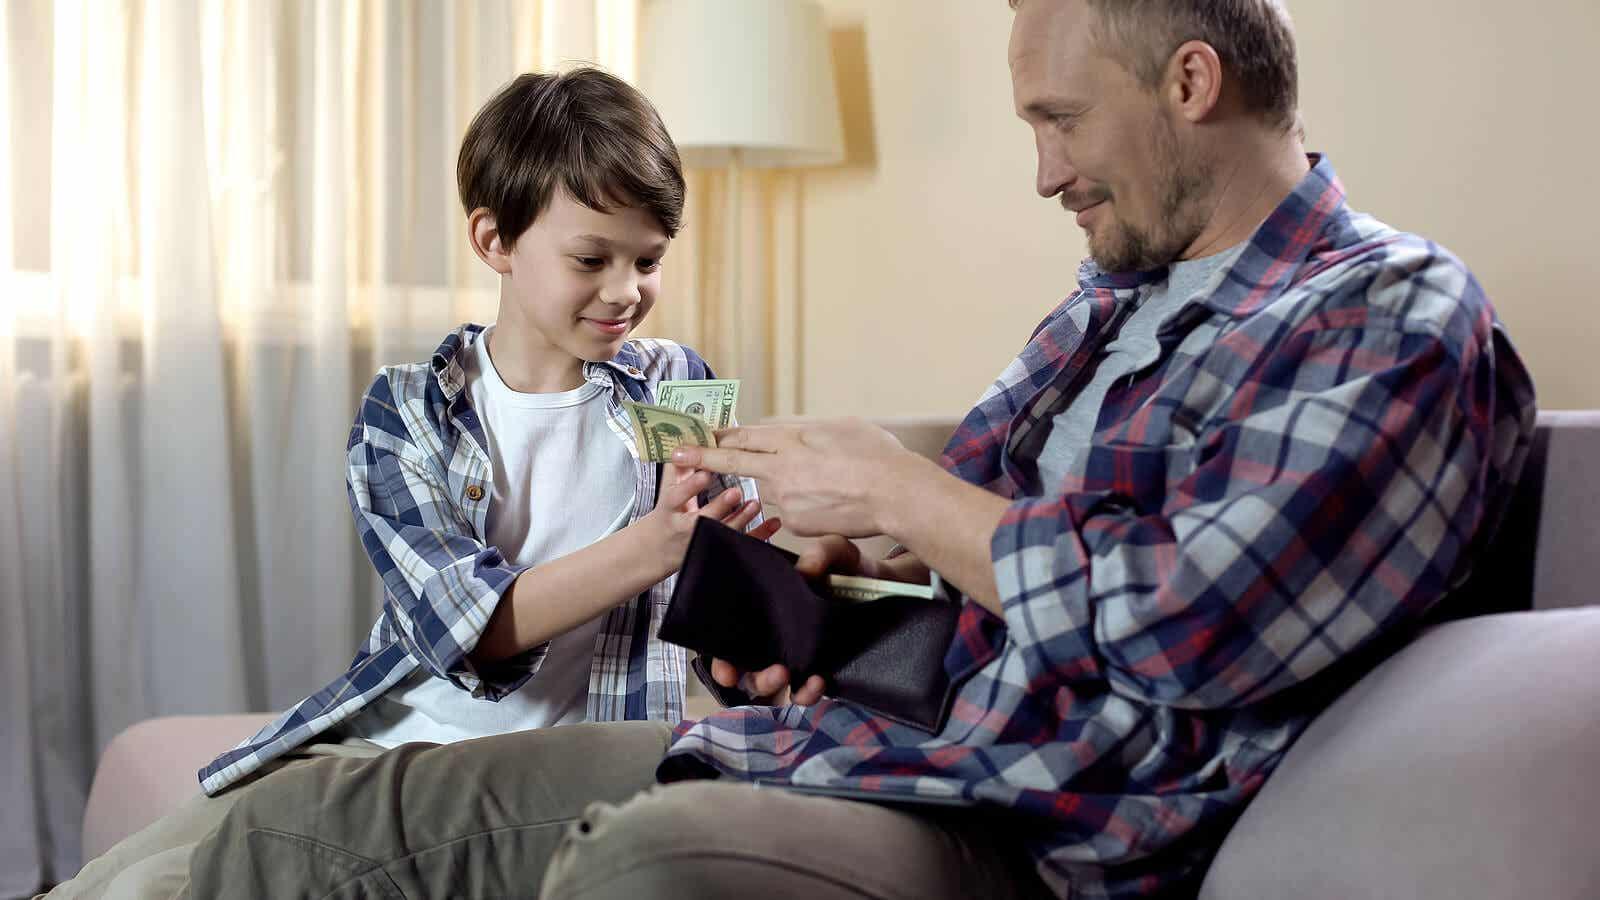 Een vader die geld uit zijn portemonnee geeft aan zijn jonge zoon.